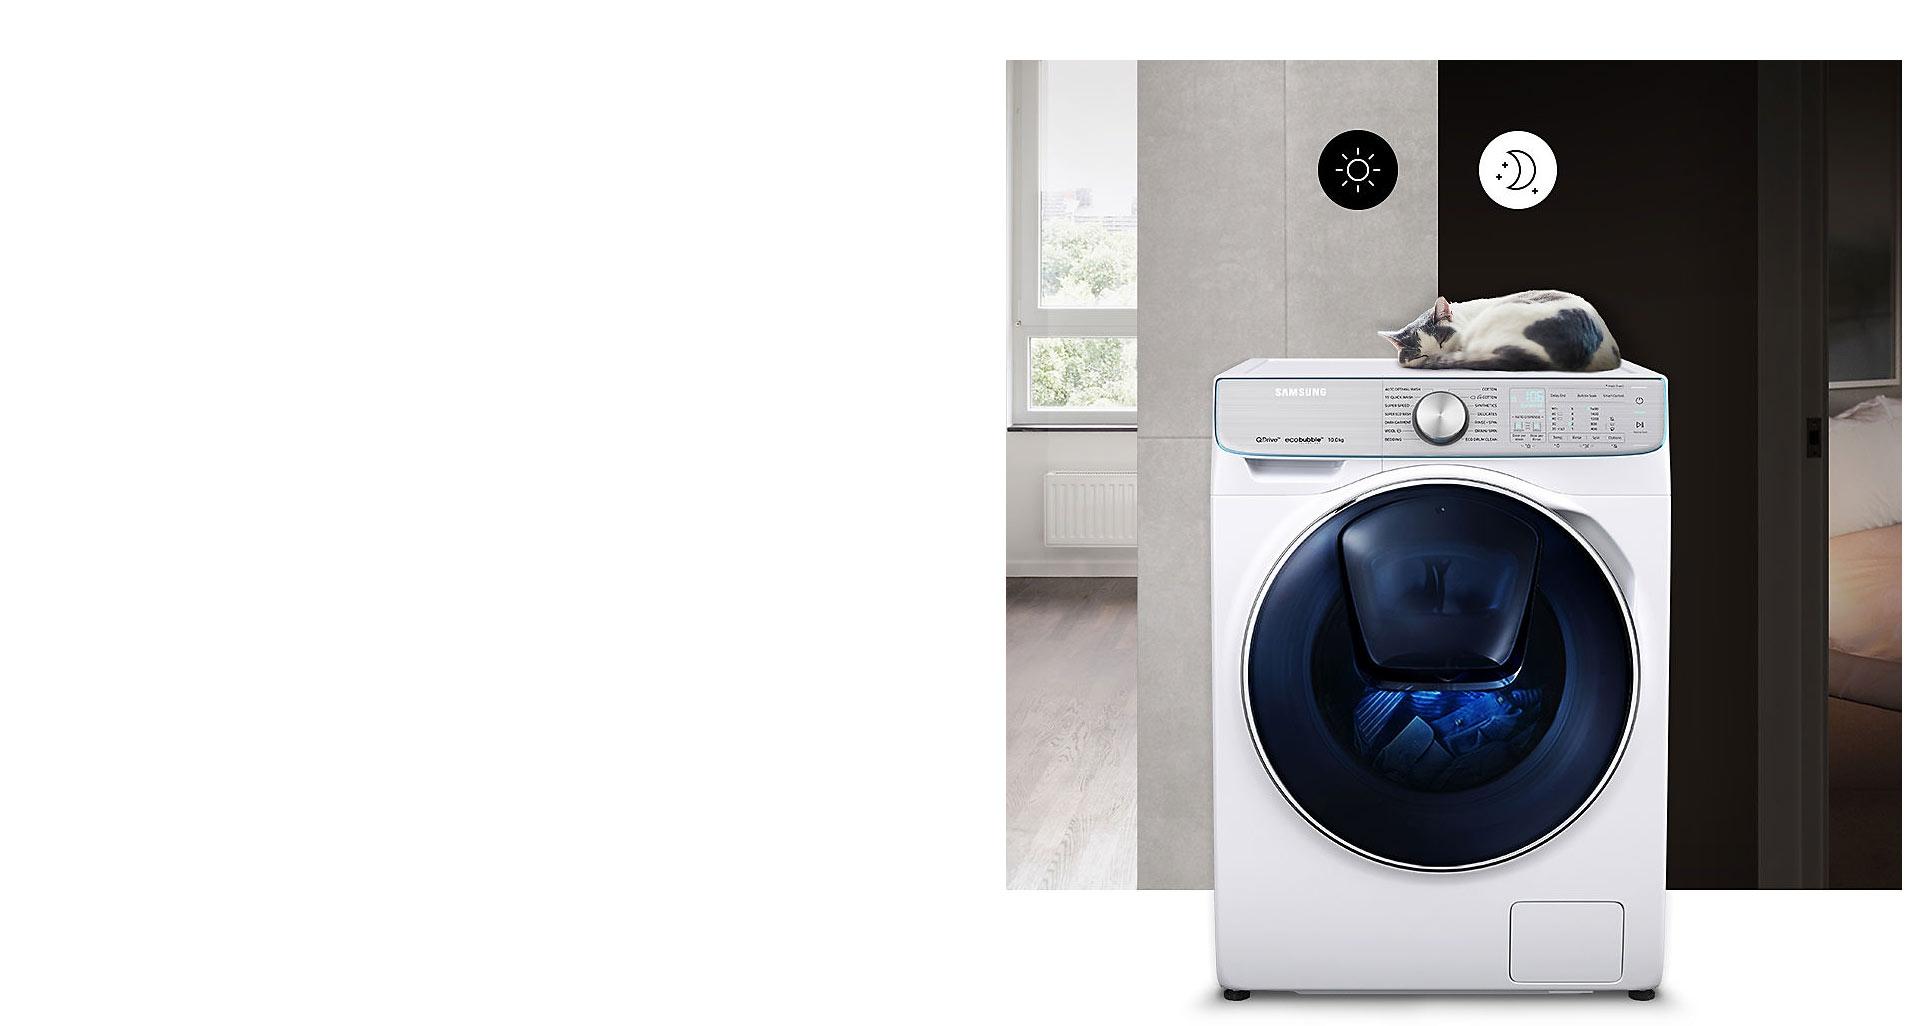 ماشین لباسشویی QuickDrive سامسونگ بی صدا می شوید!